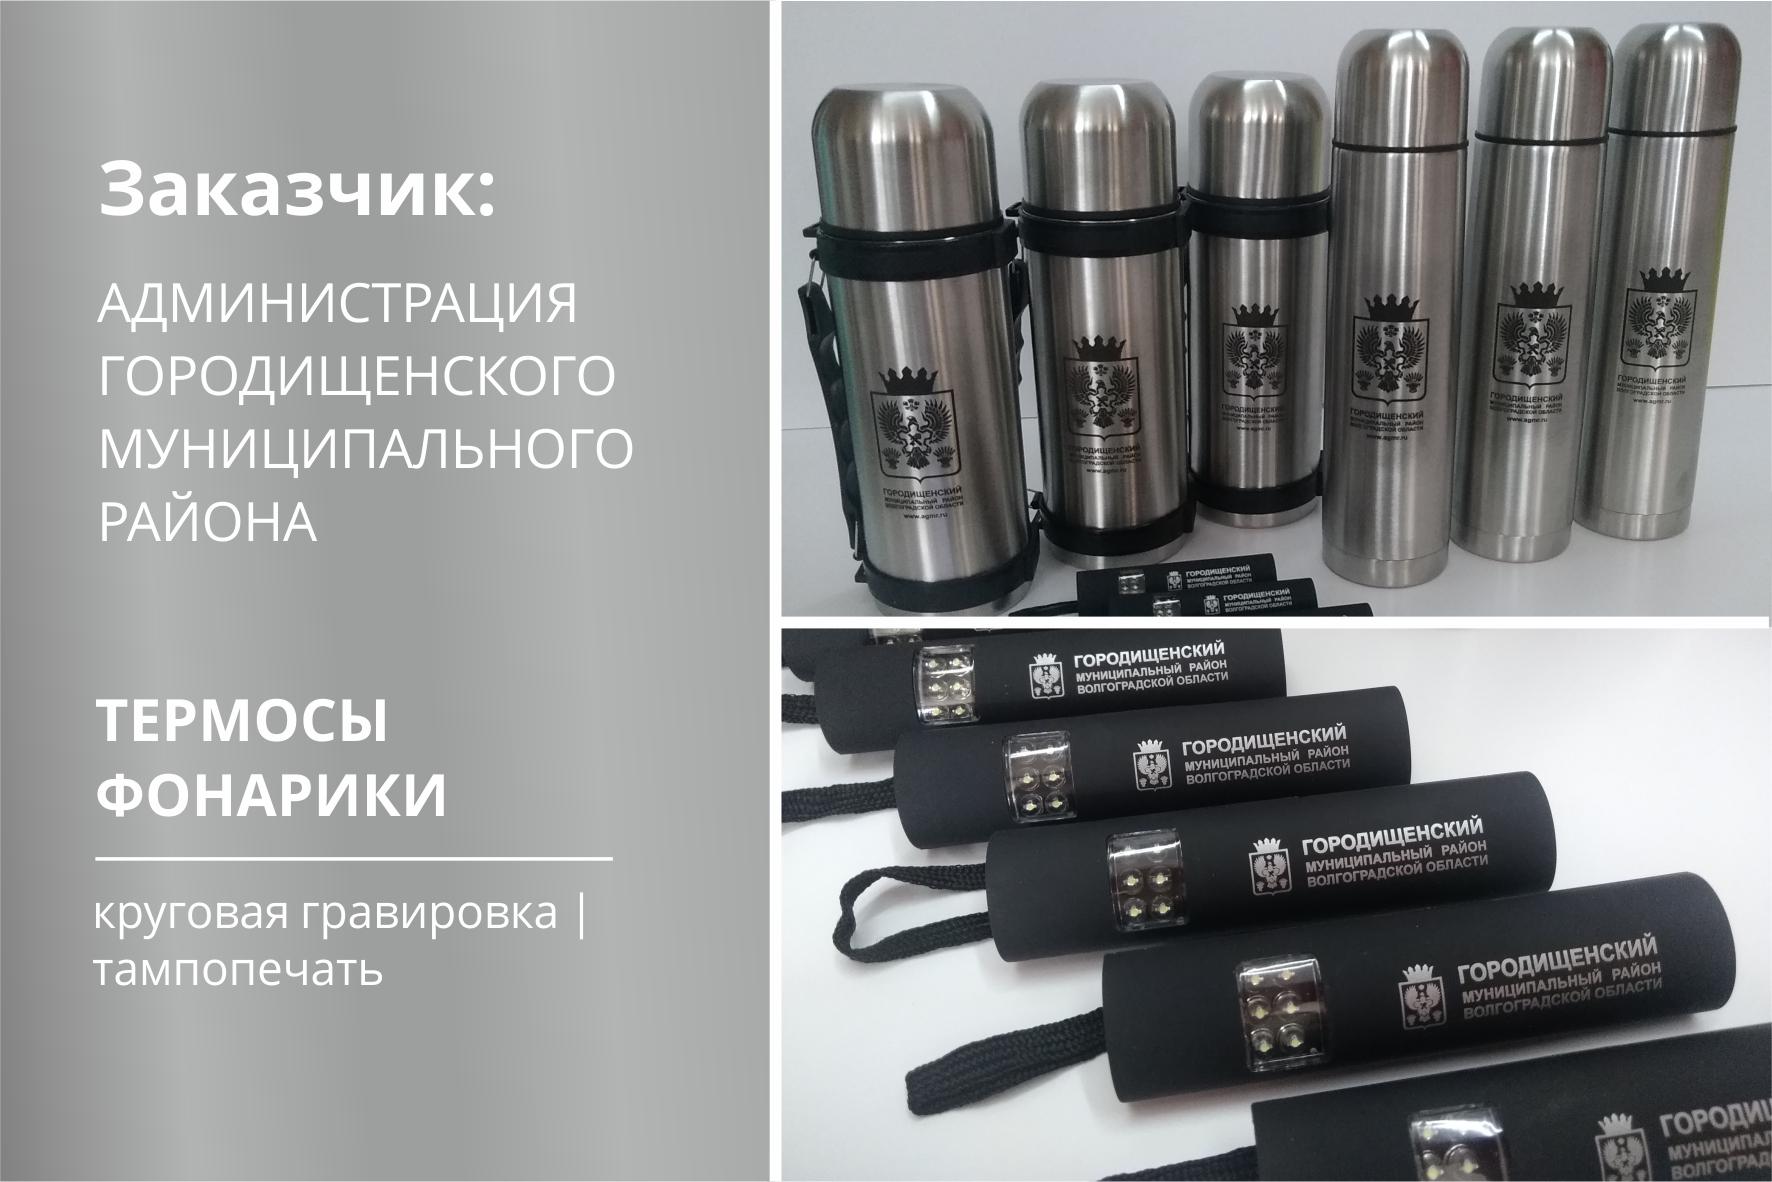 2020_08_29 администрация_термосы+фонарик